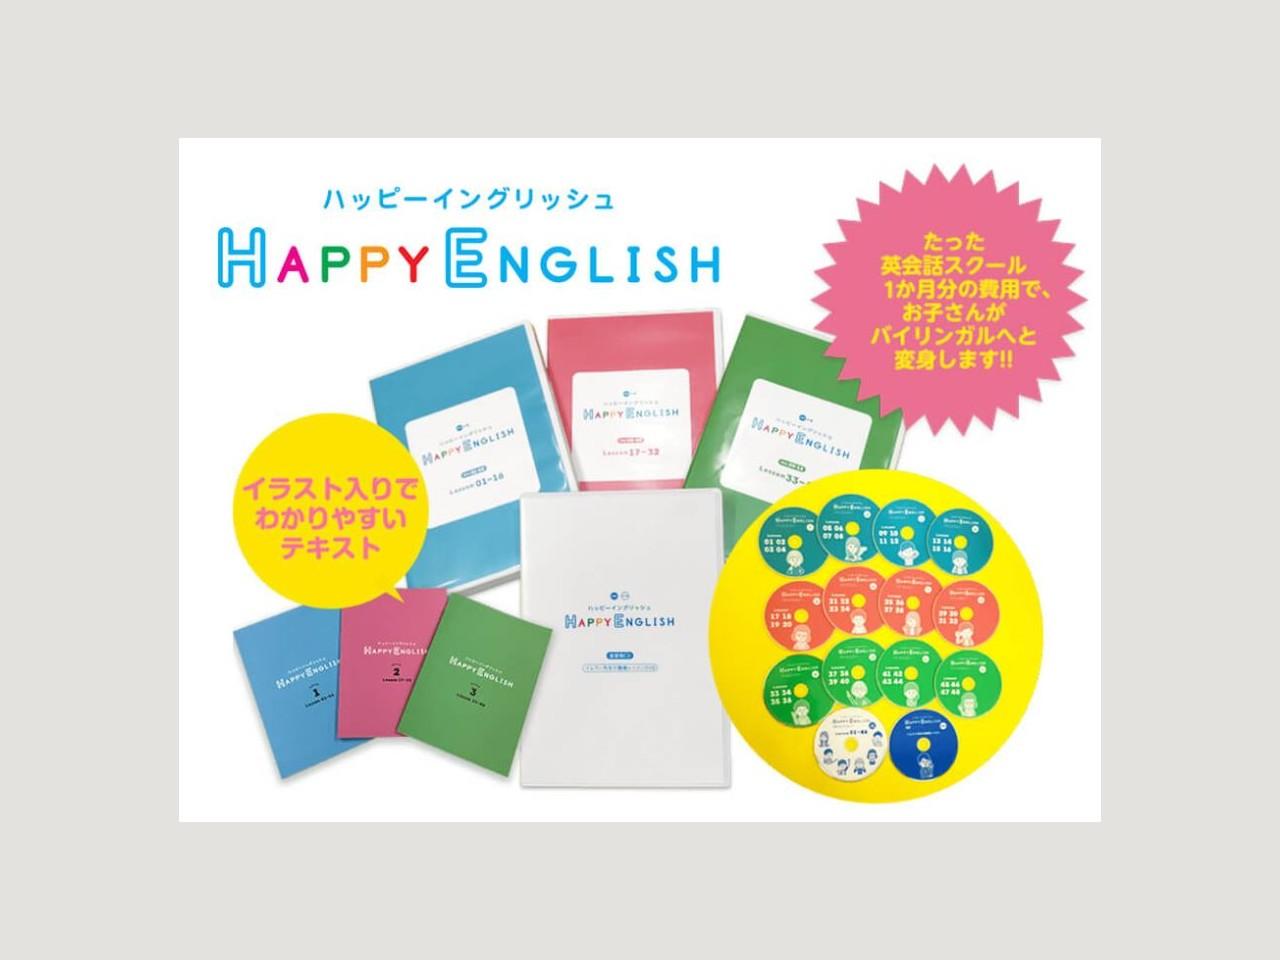 画像出典 : HappyEnglish 公式サイト